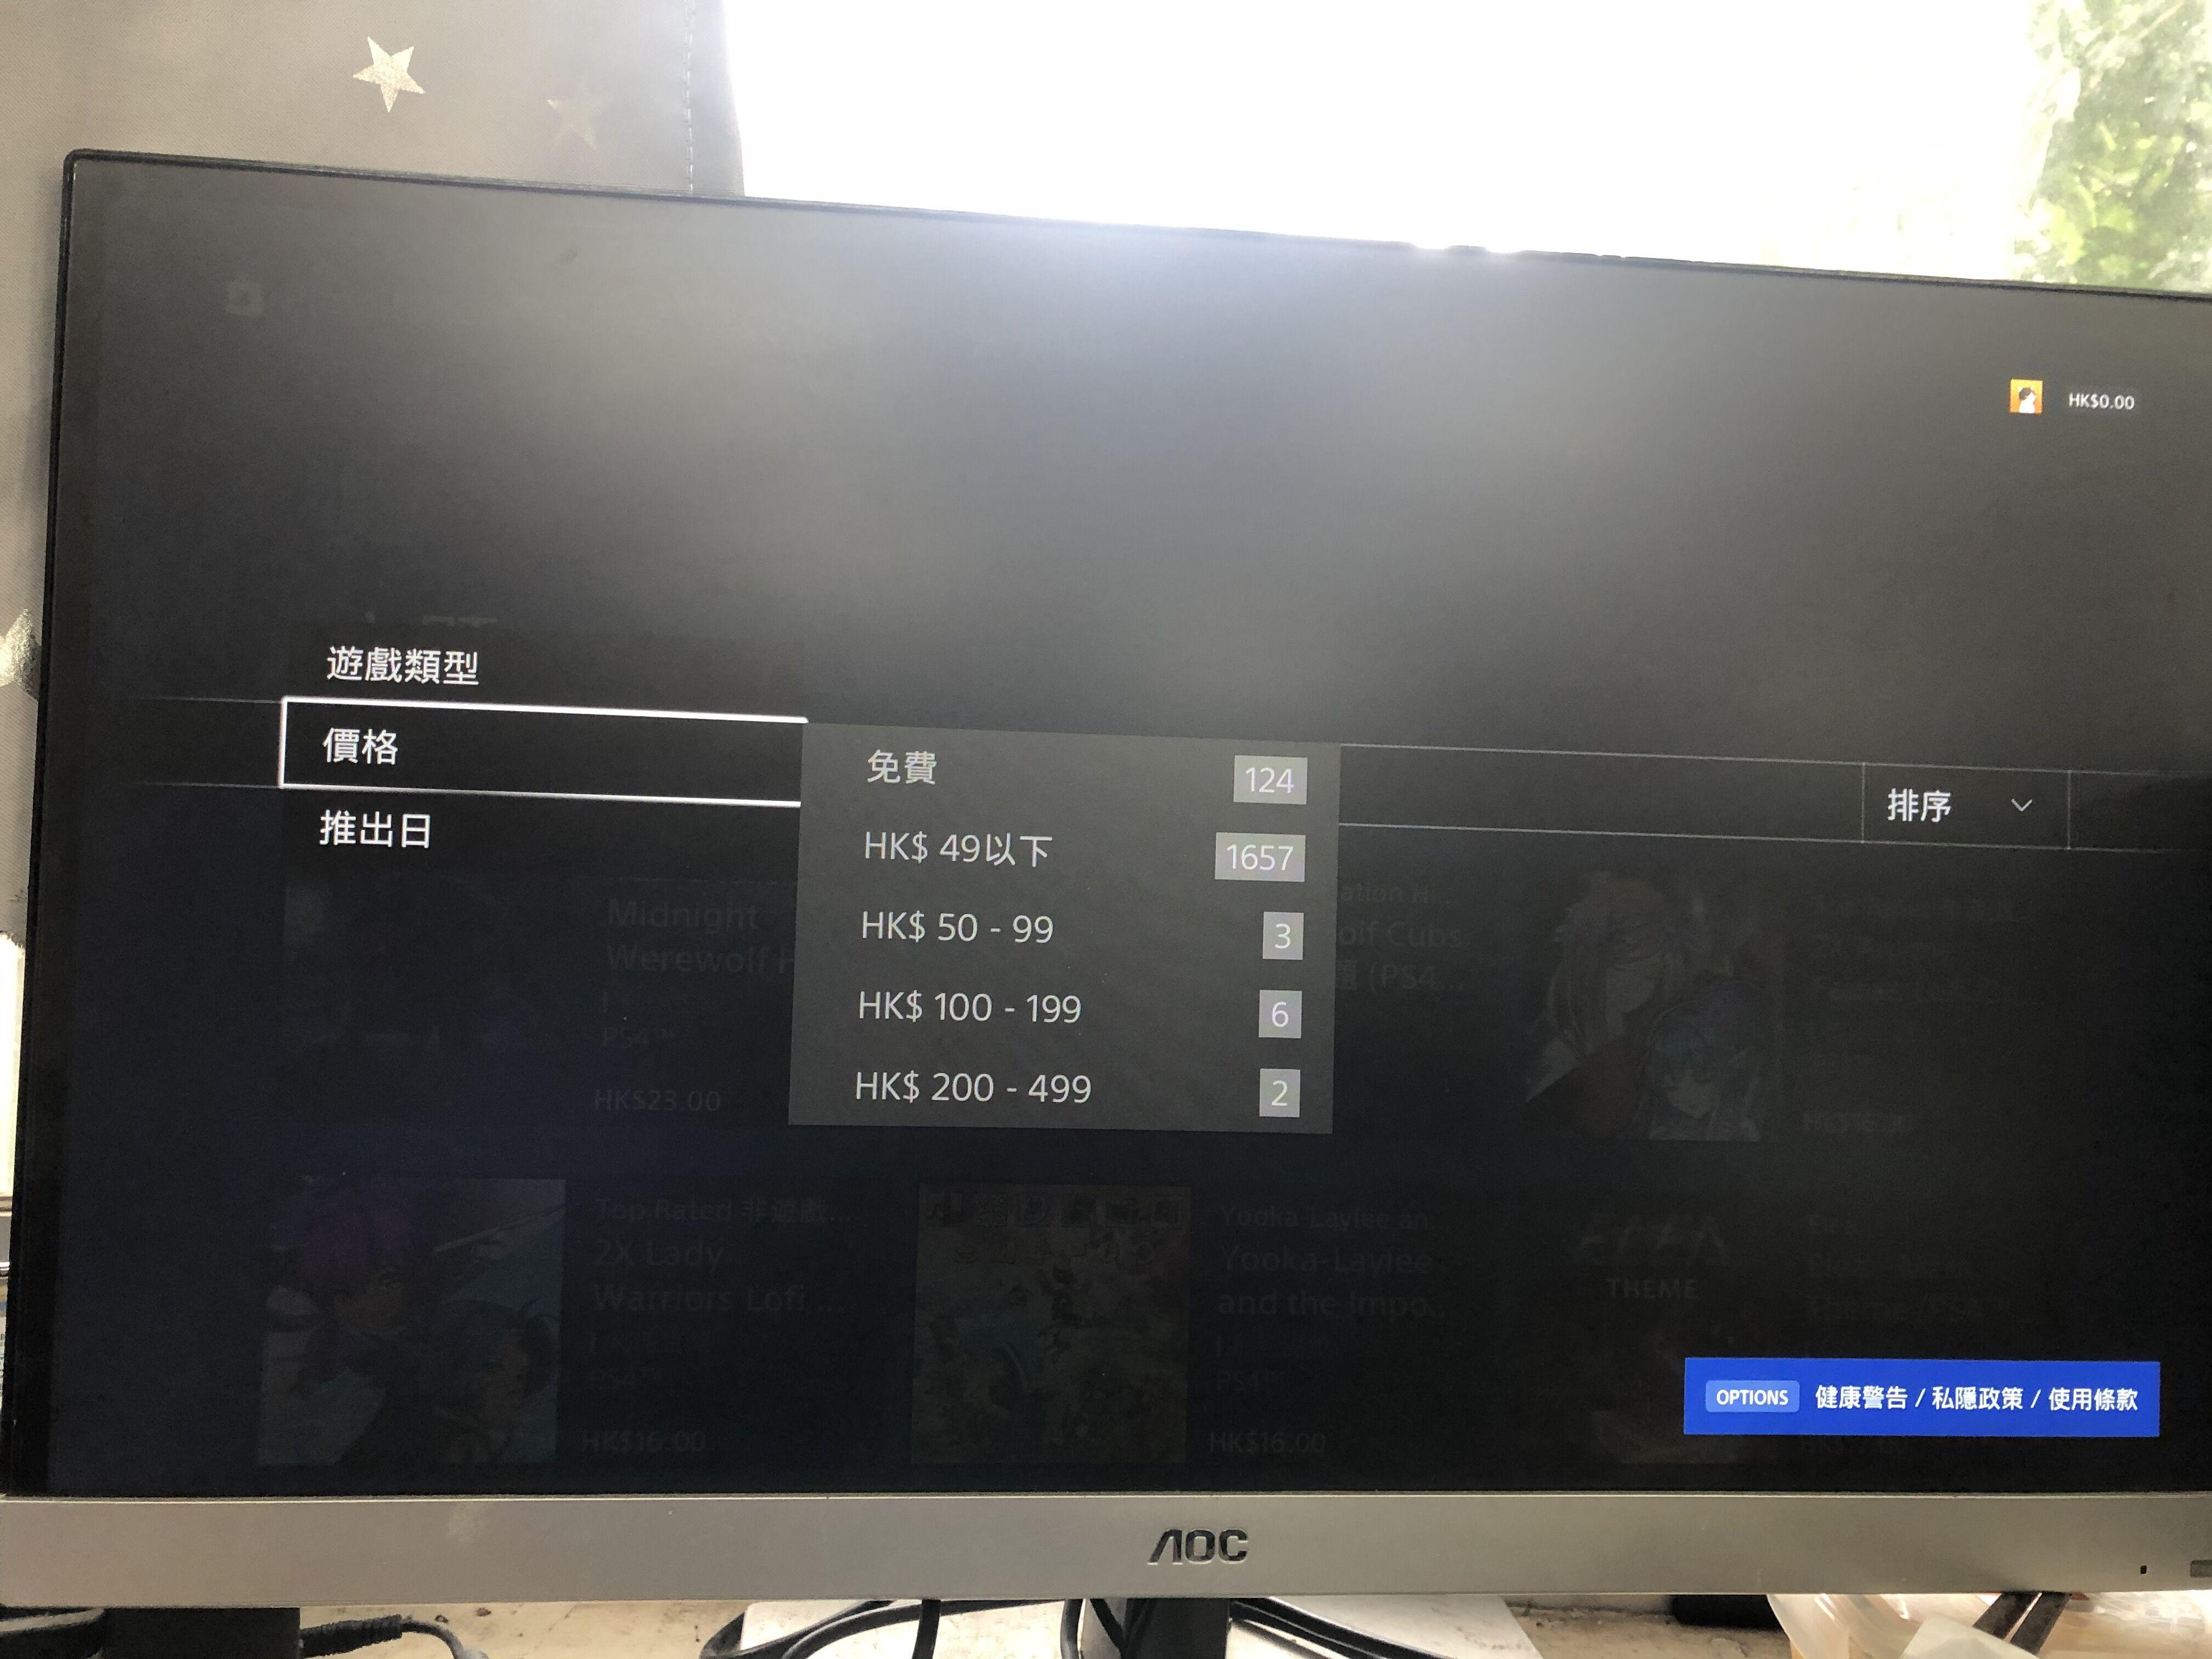 PS4如何下载主题